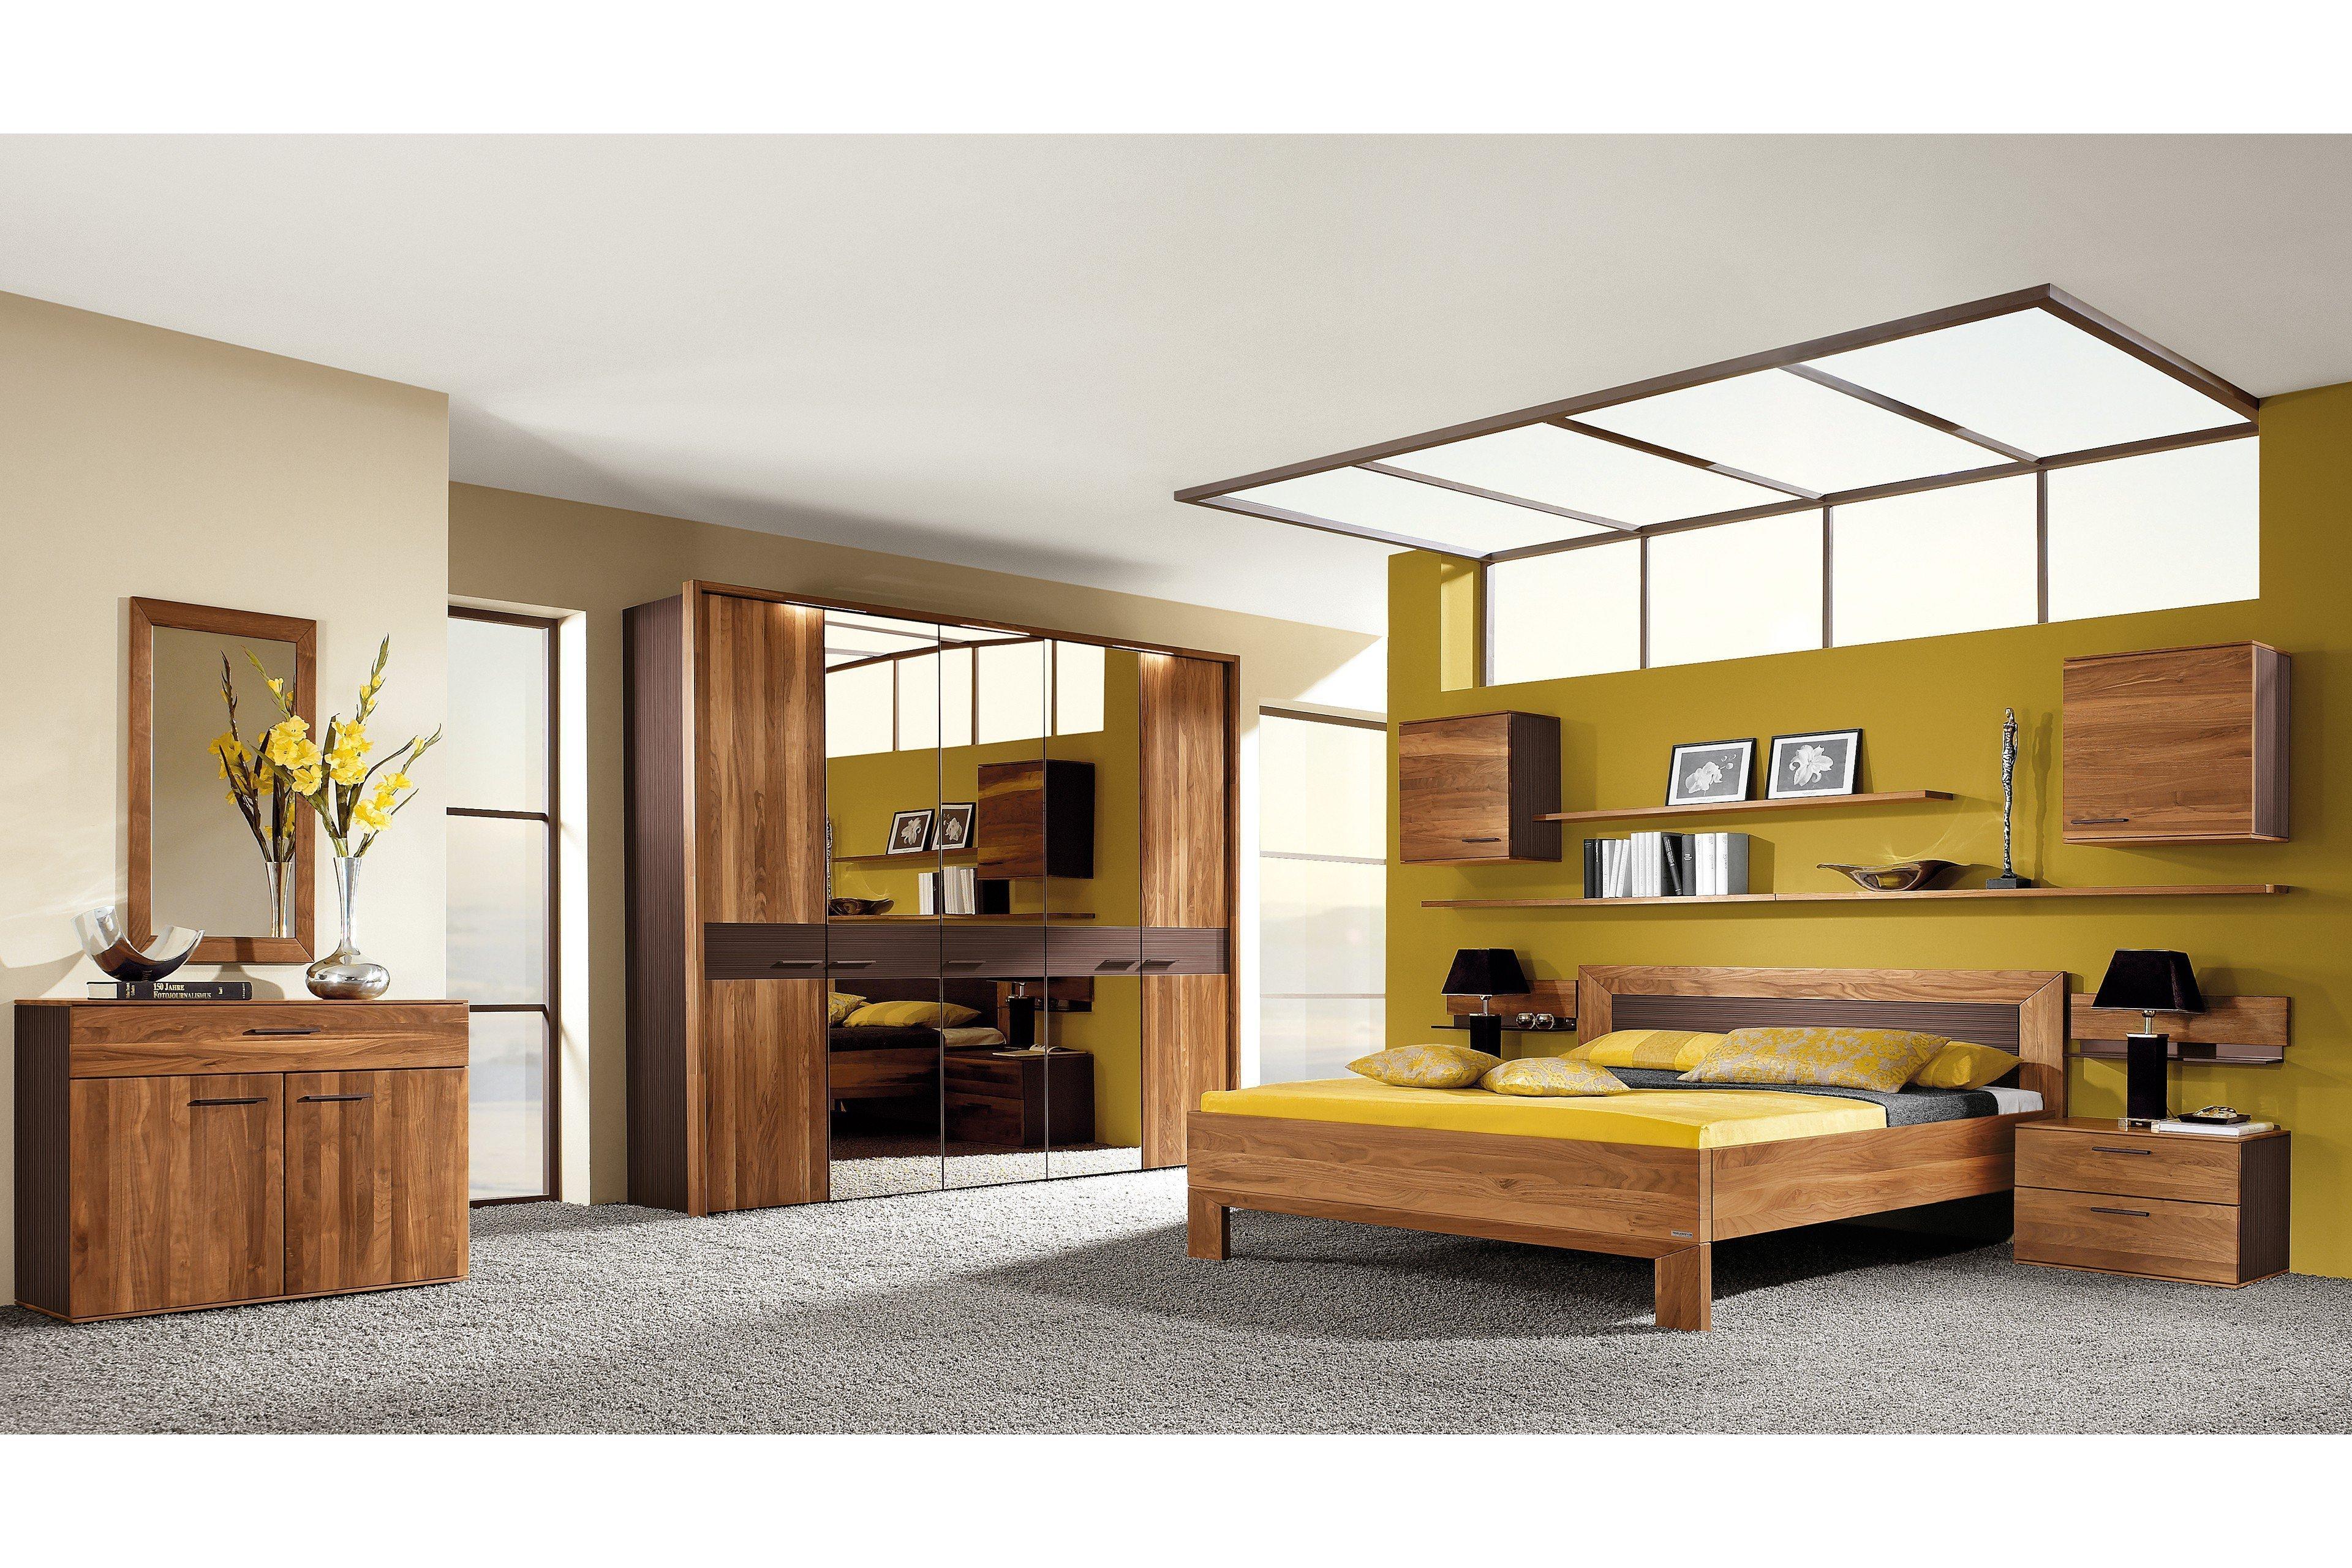 Thielemeyer Schlafzimmer Mali Nussbaum | Möbel Letz - Ihr Online-Shop